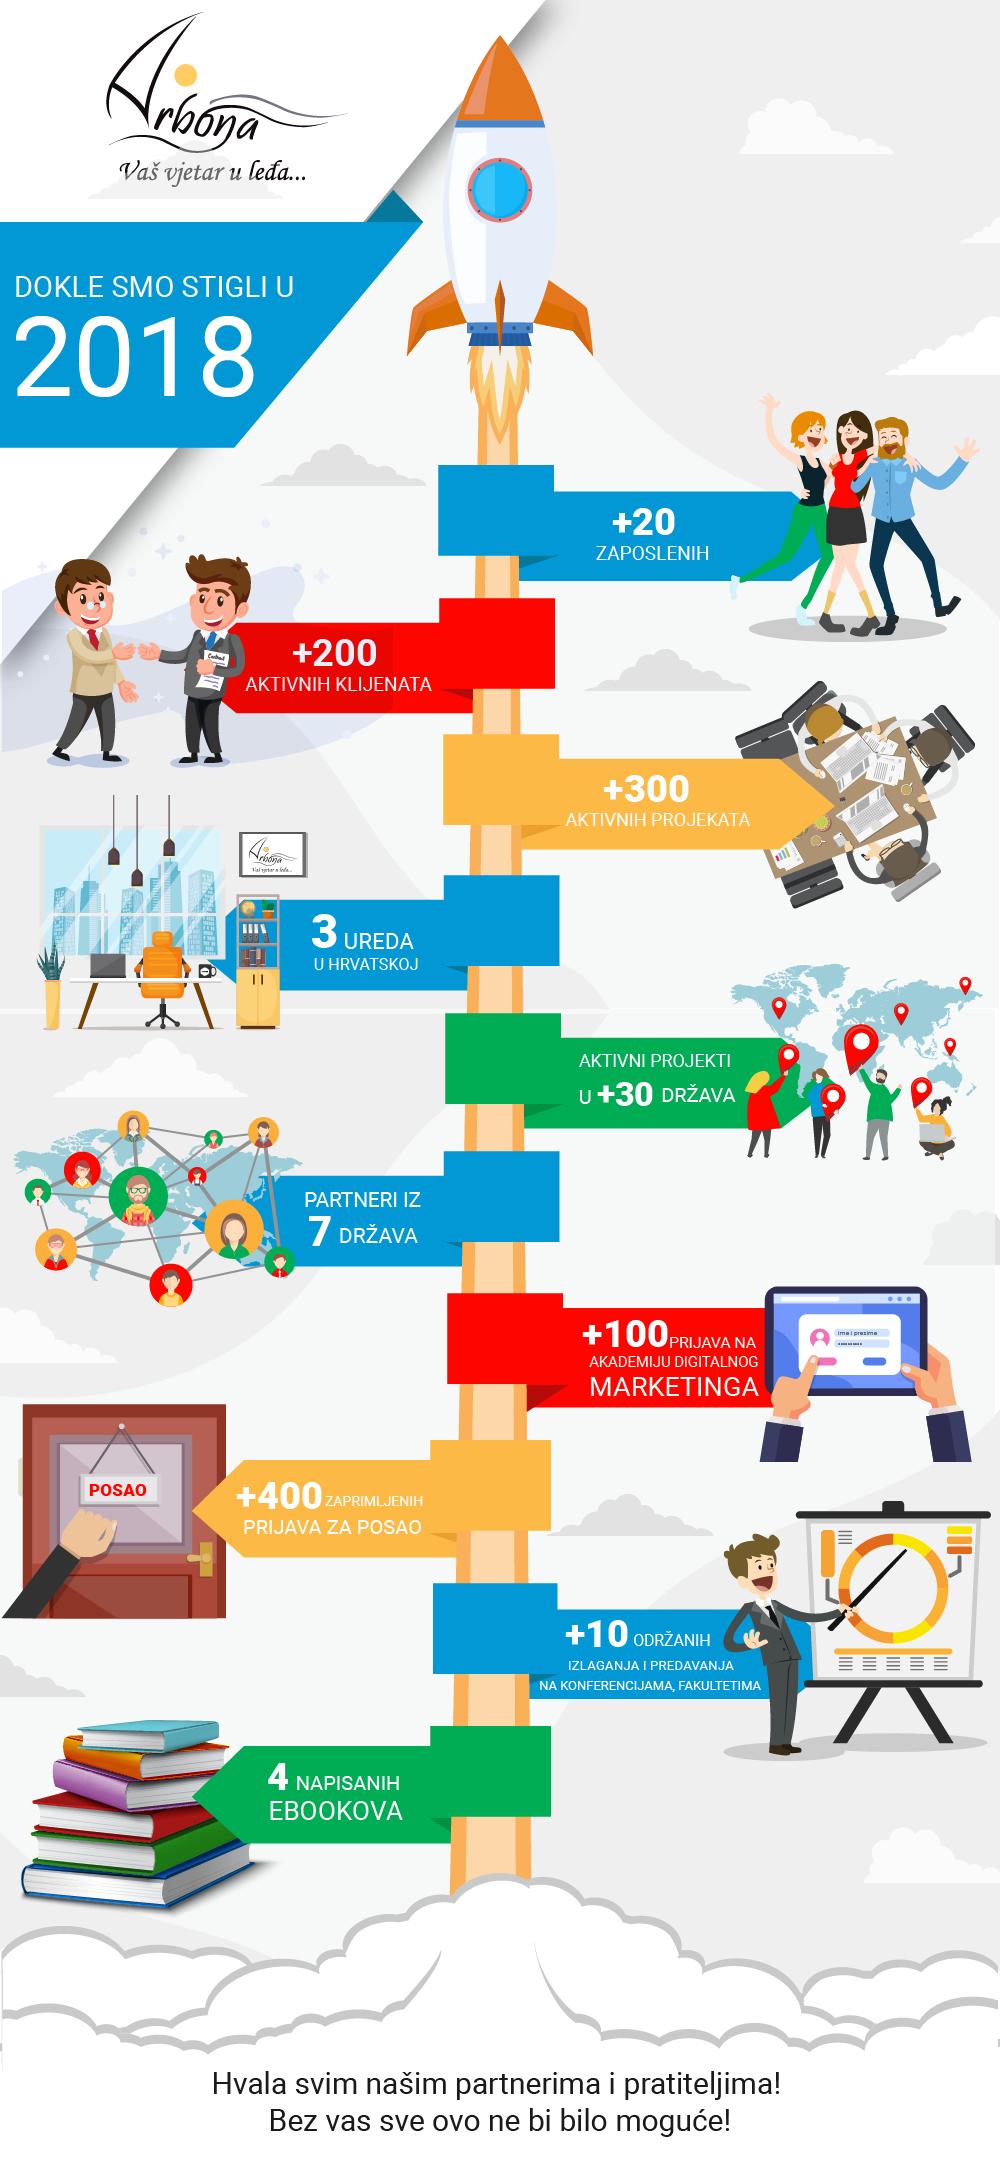 Arbona agencija za digitalni marketing infografika put do uspjeha